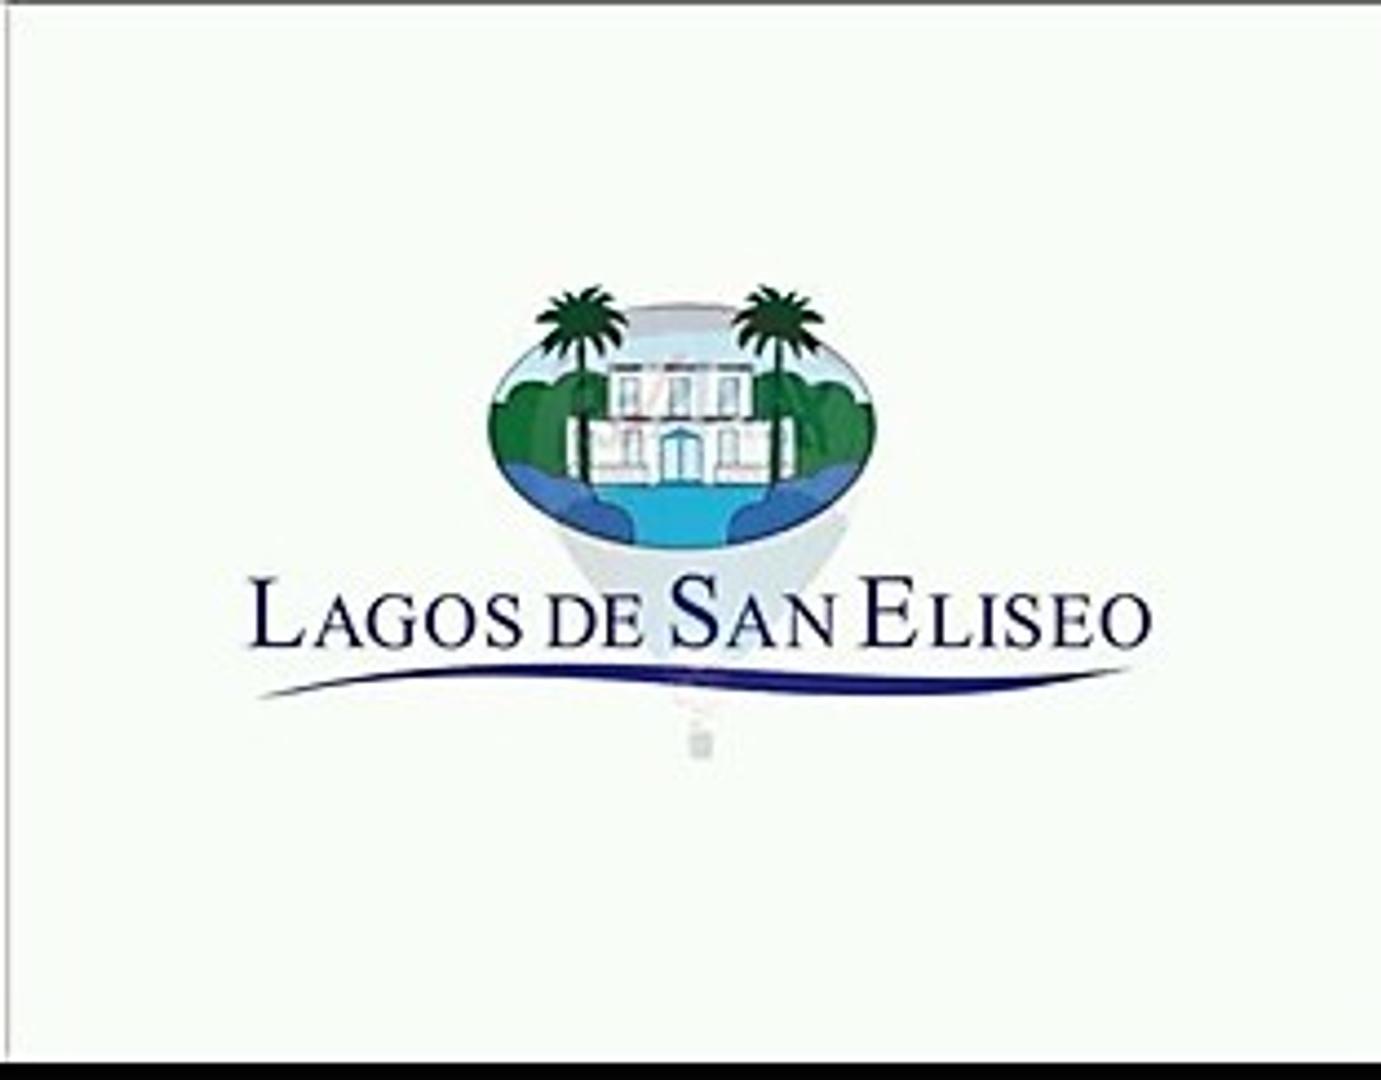 LOTE EN BARRIO PRIVADO, GOLF, FUTBOL, TENIS, DEPORTES ACUATICOS, 800 METROS CUADRADOS, FINANCIACION